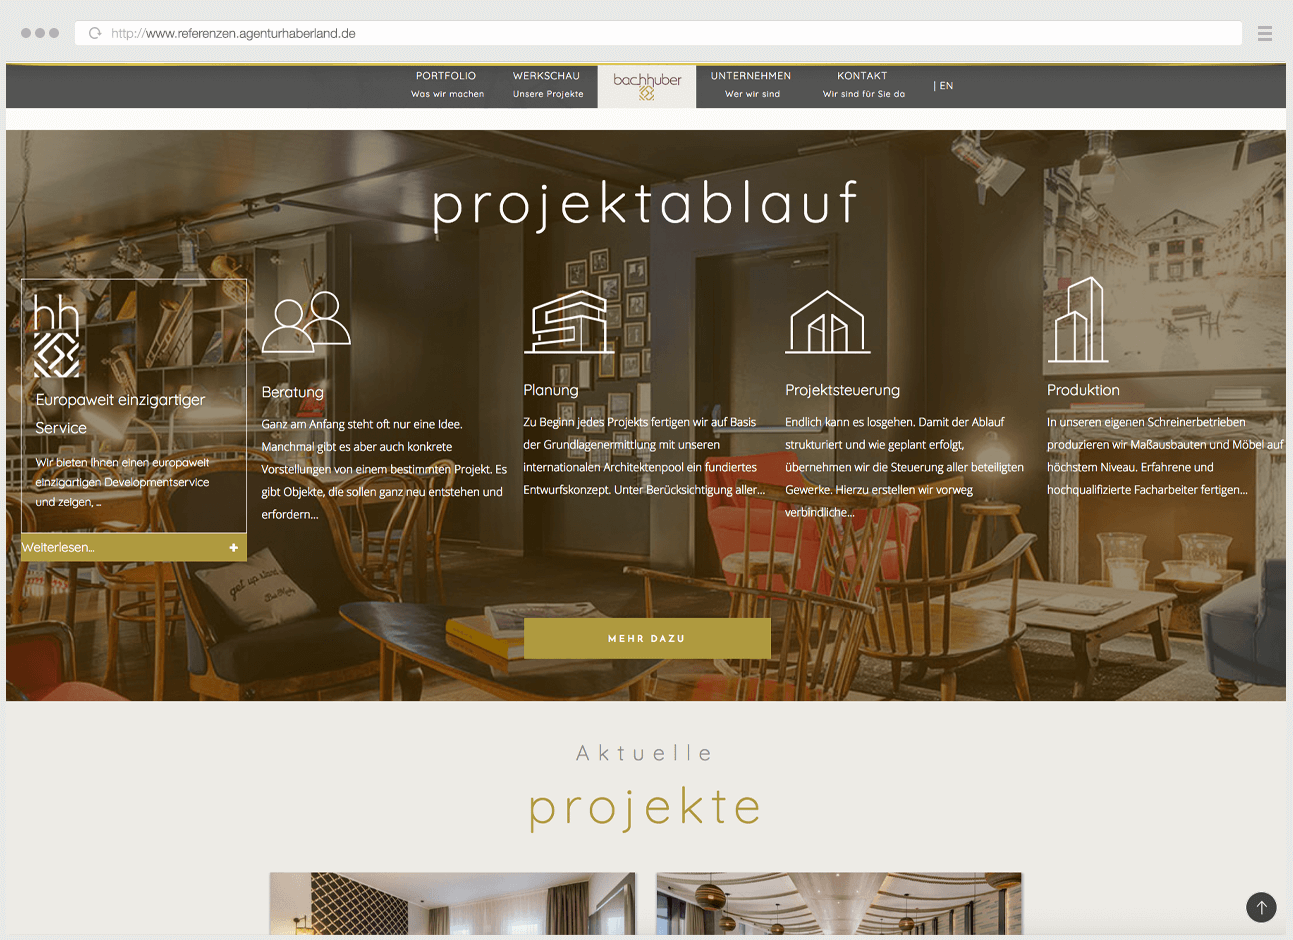 Webdesign Eggenfelden - Haberland - Portfolio Bachhuber - Startseitenslider - Projektablauf